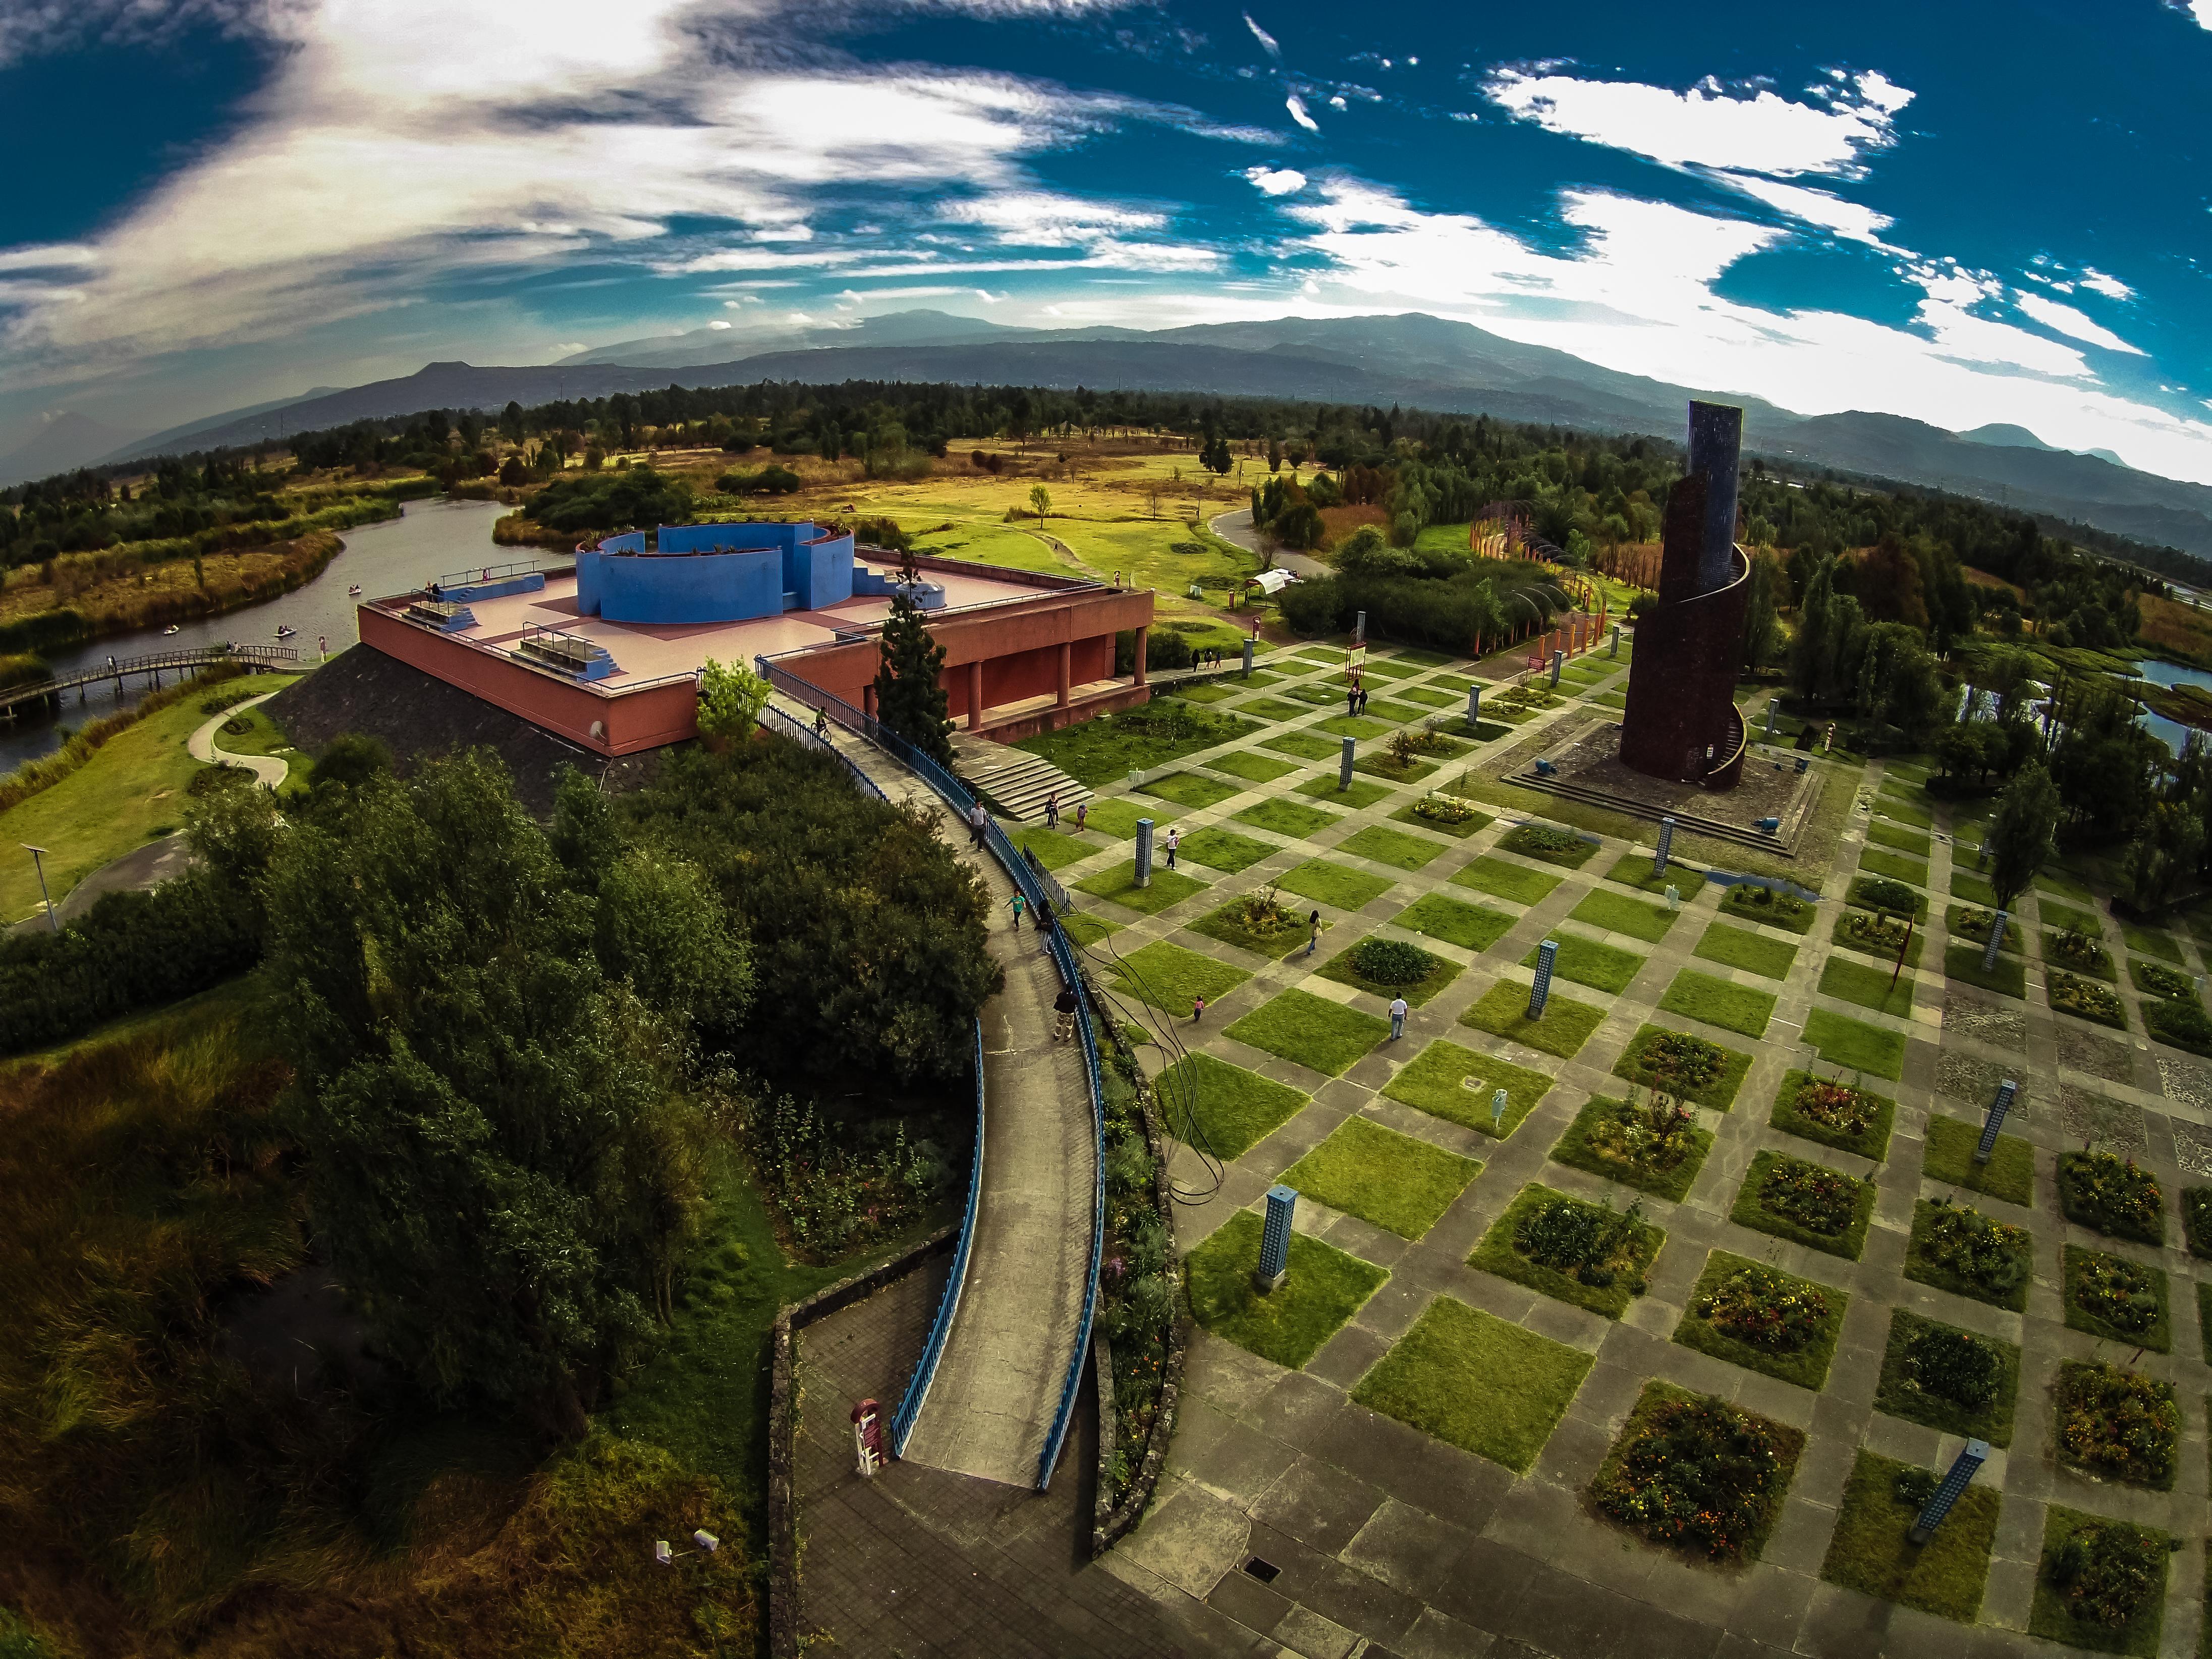 Xochimilco park